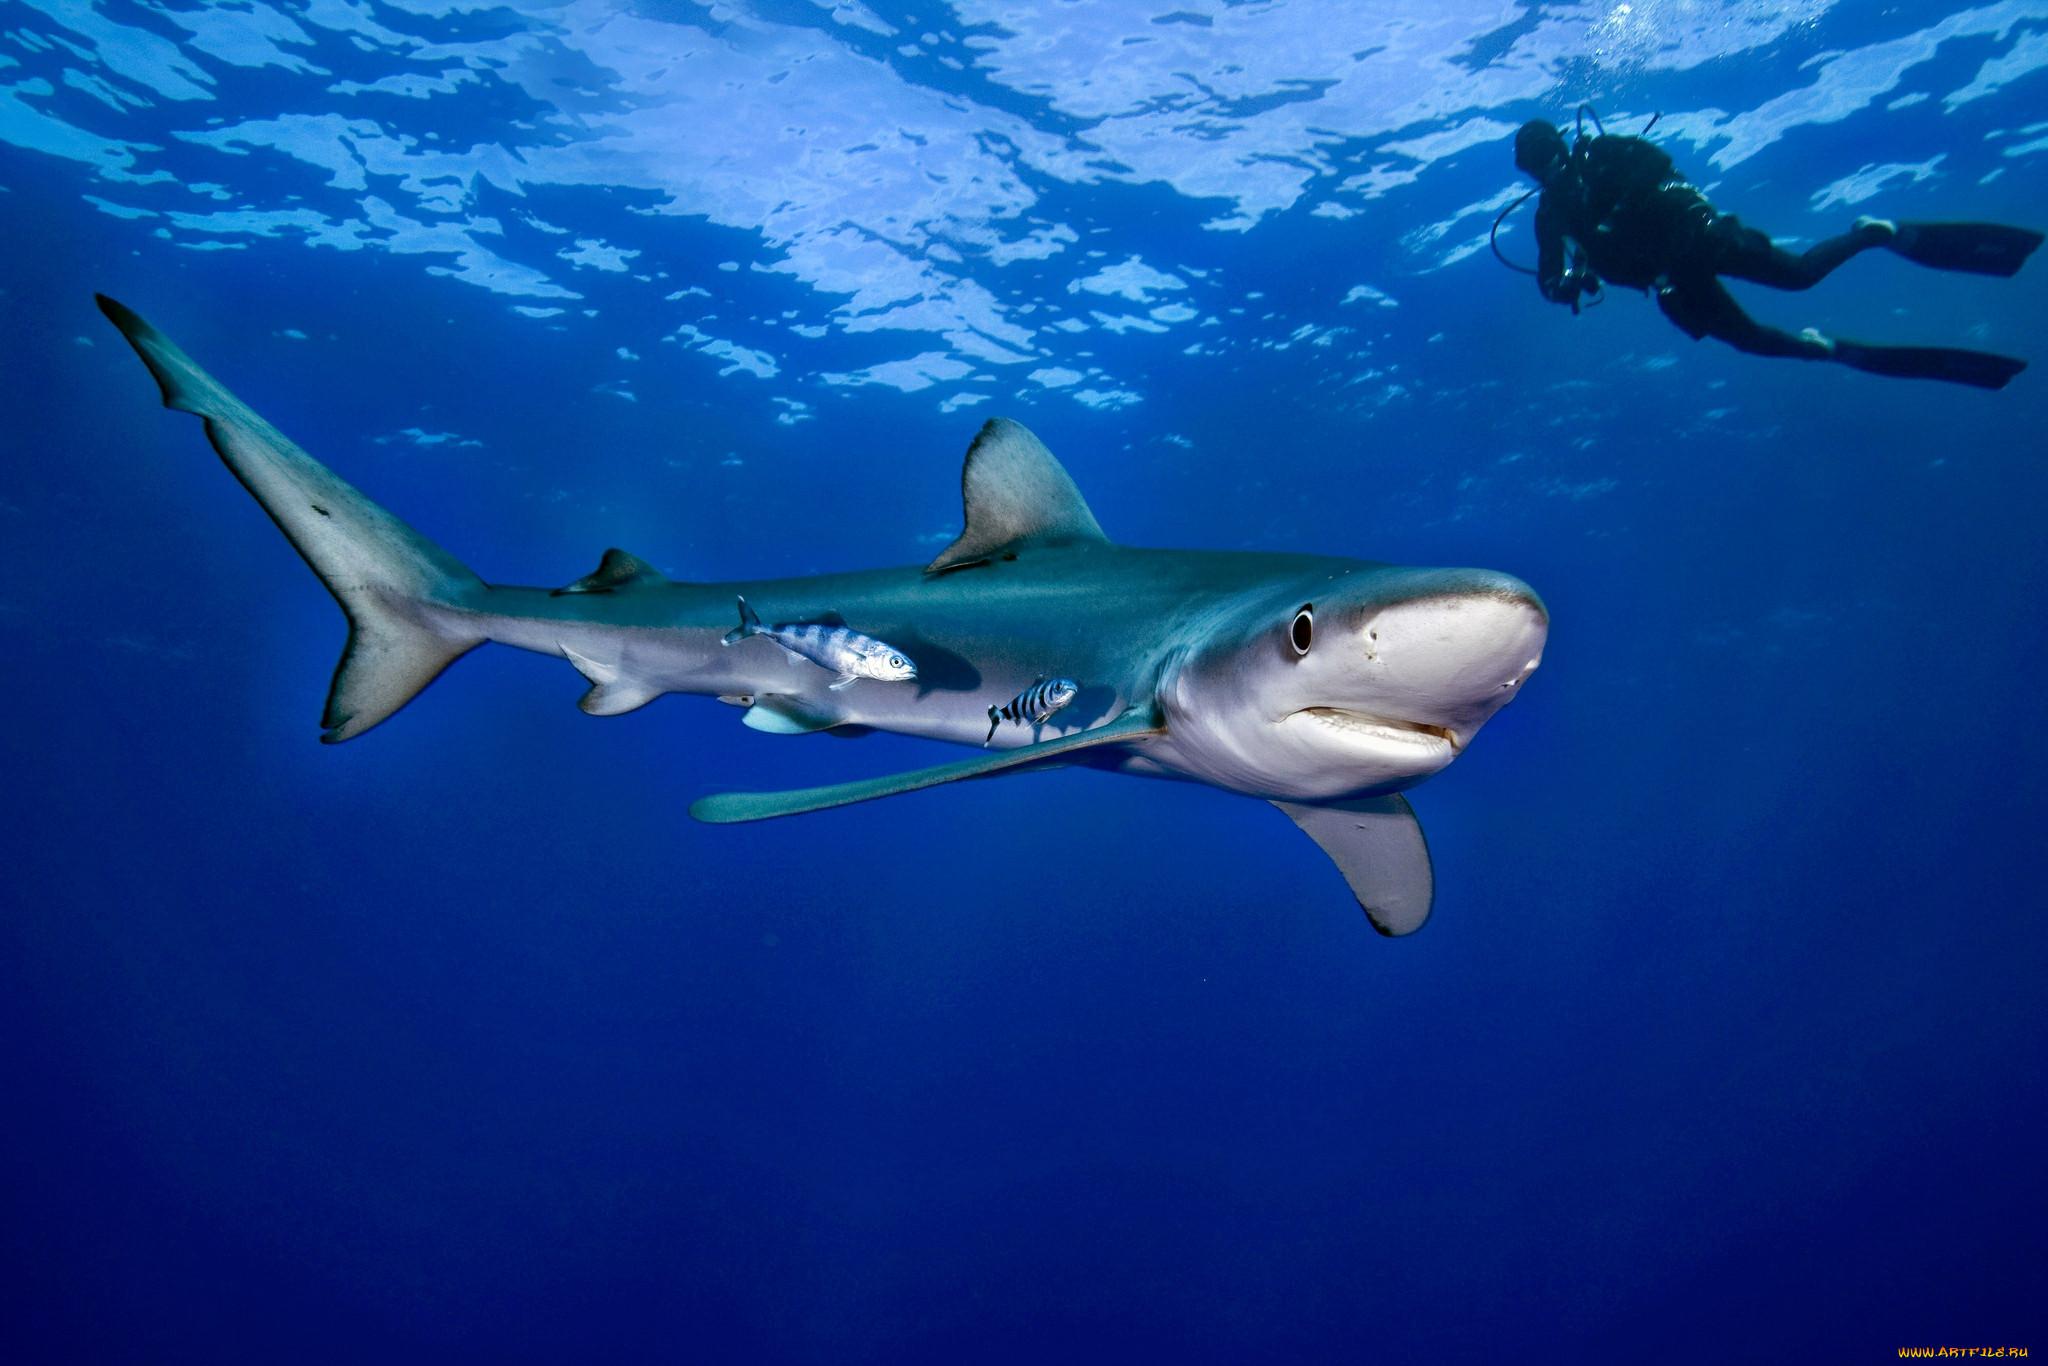 картинки акул на поверхности океана женские джинсы купить